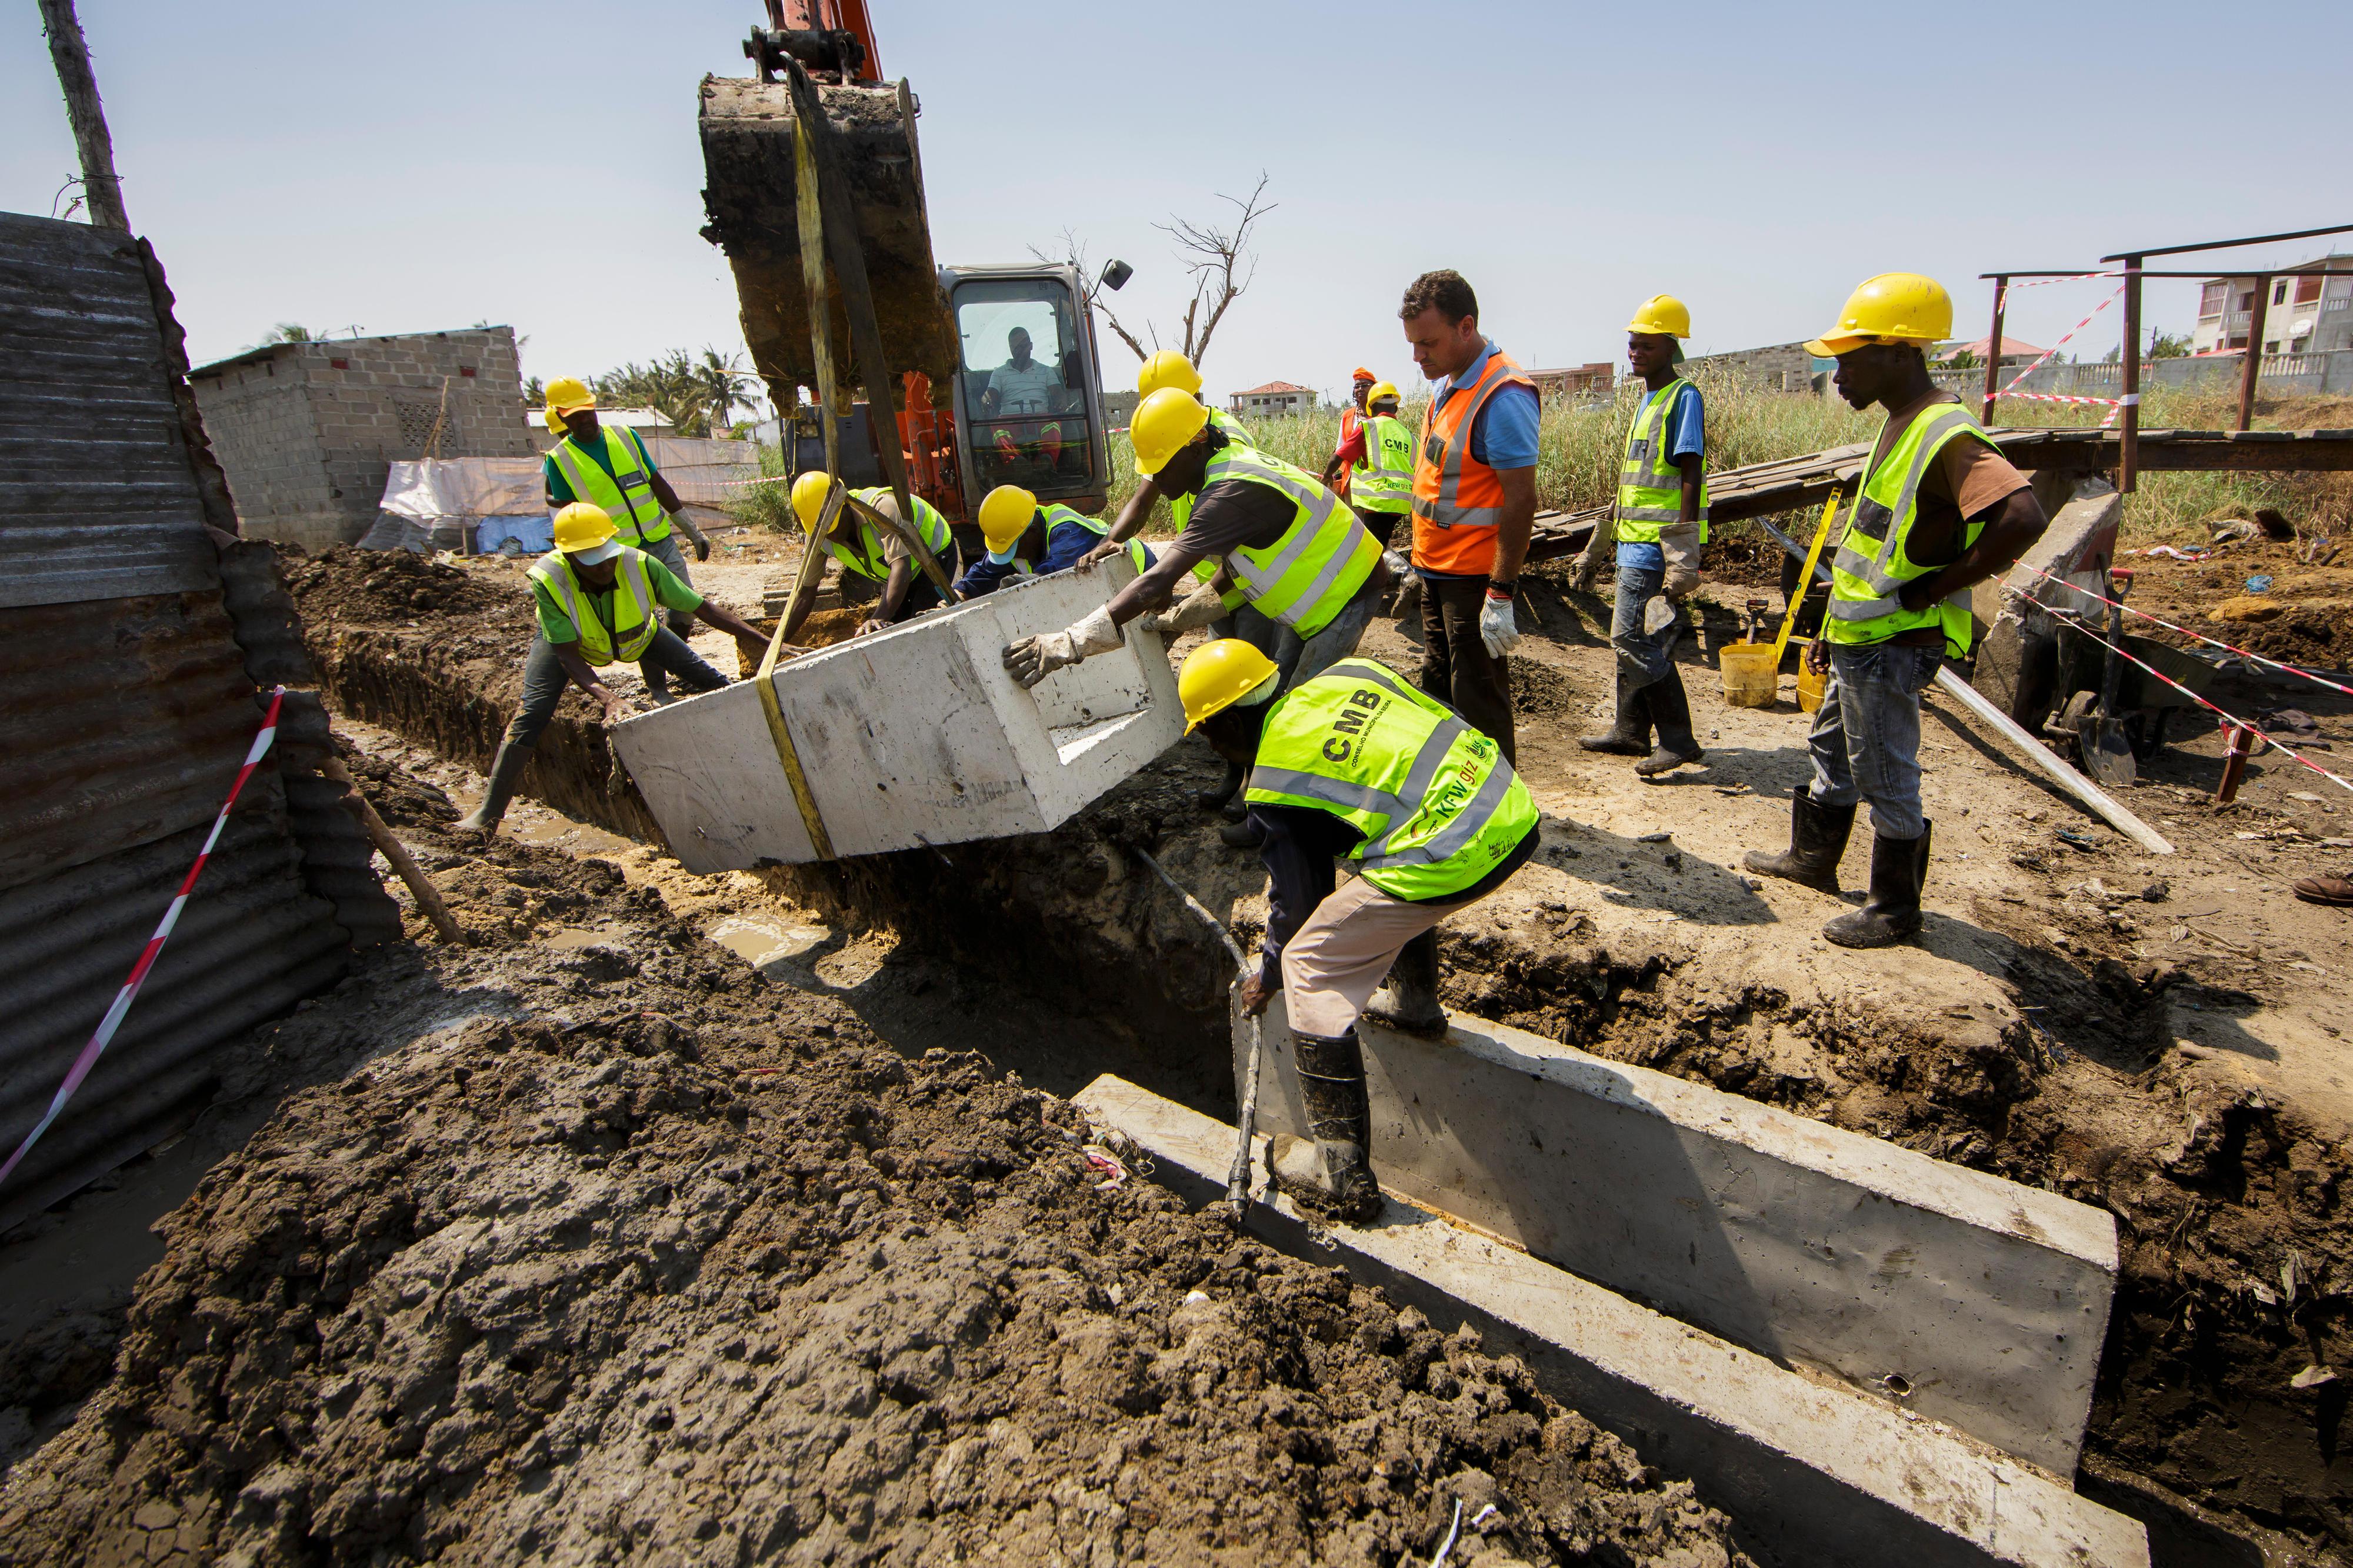 Bau eines Abwasserkanals in Beira, Mosambik